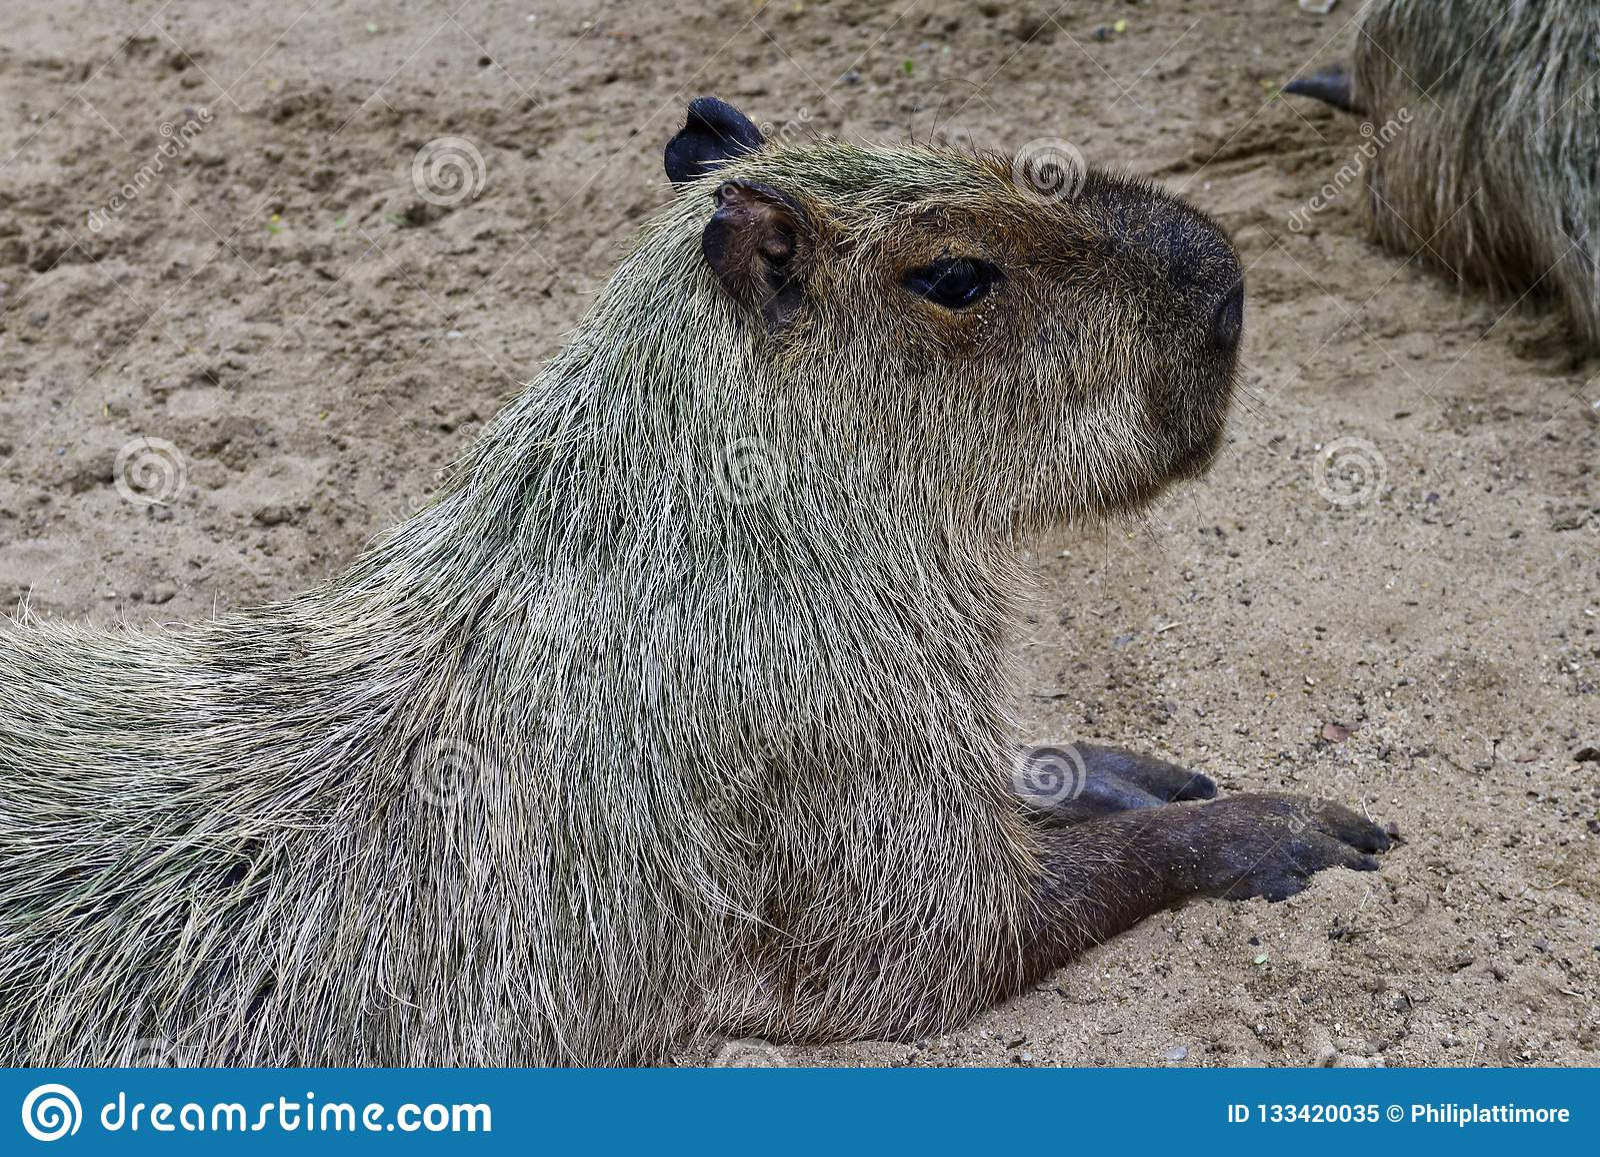 Capybara el roedor más grande del mundo de un parque del safari